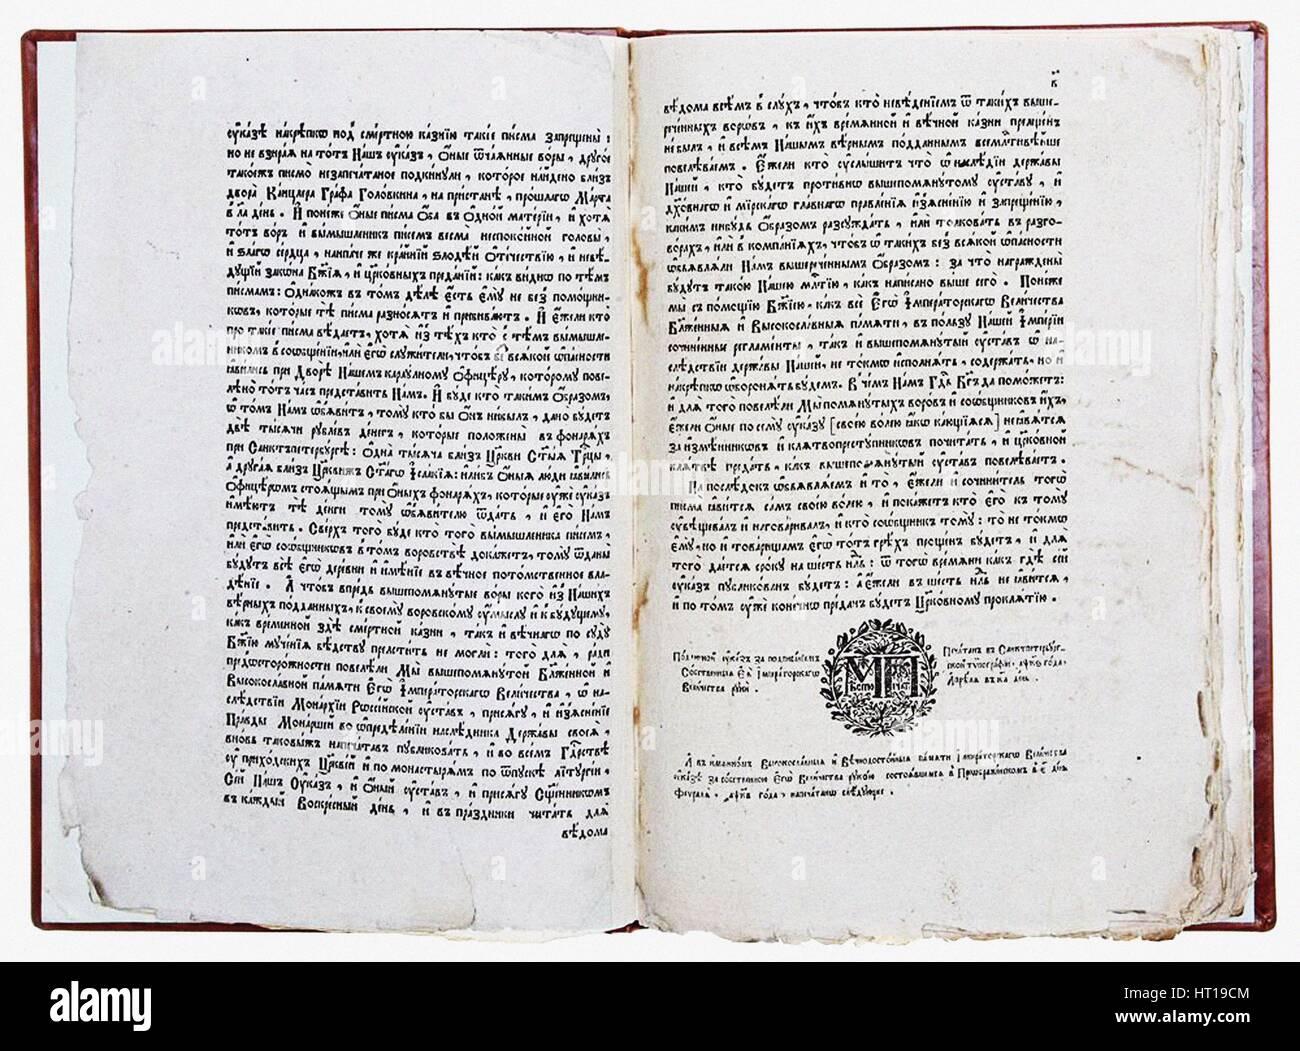 Página doble de Teófano Prokopovich tratado la verdad sobre la voluntad del monarca, 1722. Artista: documento Imagen De Stock